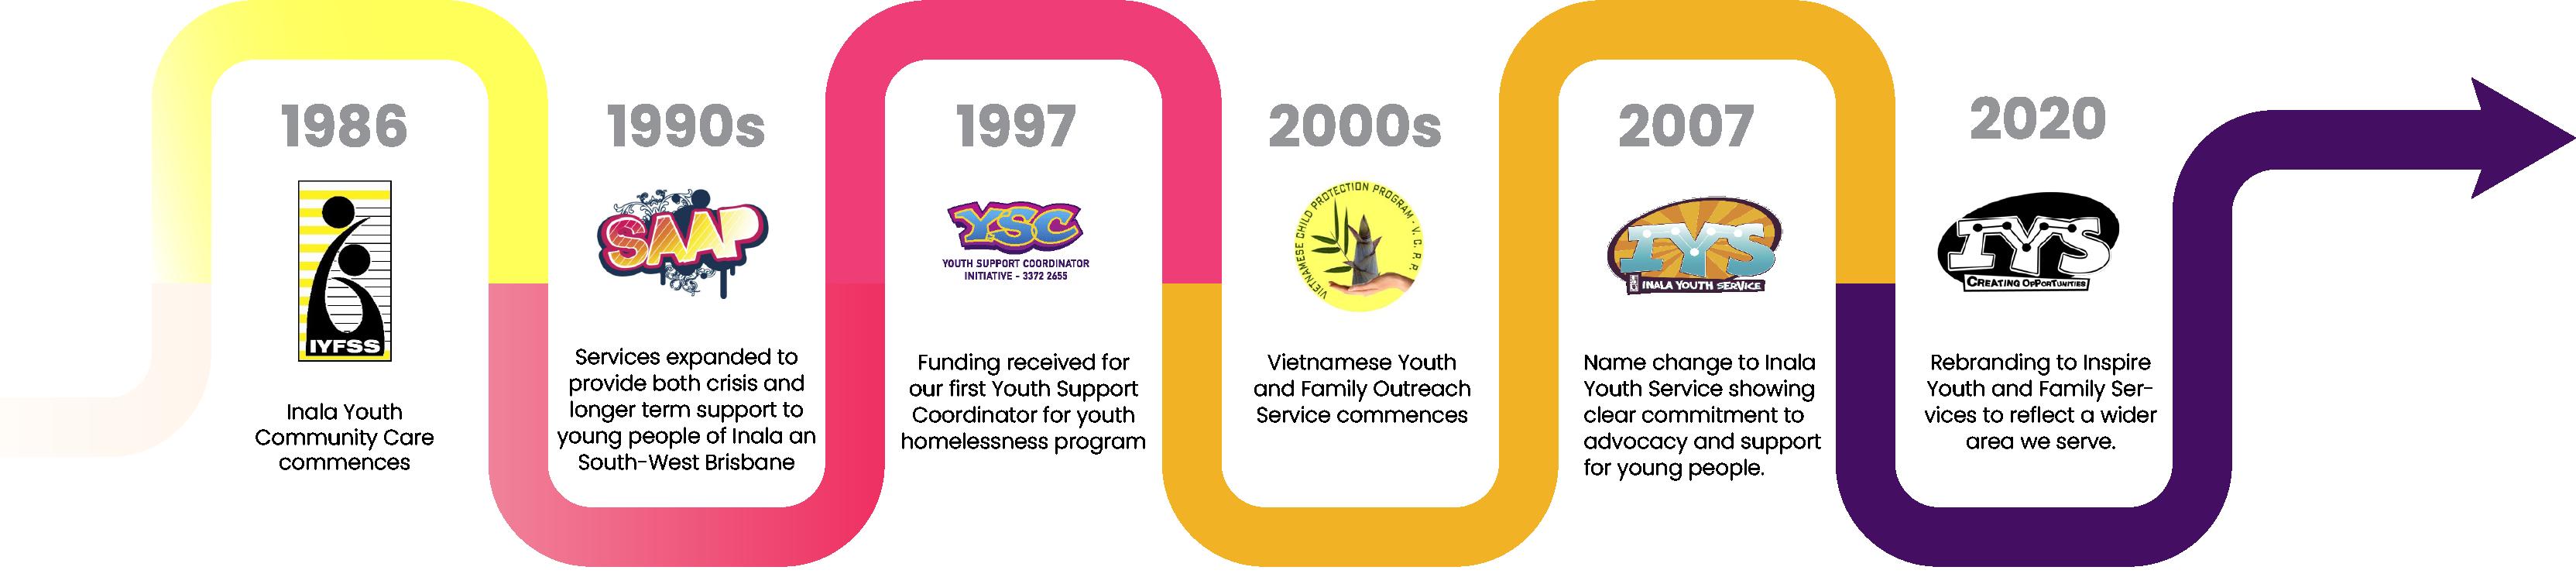 IYS timeline